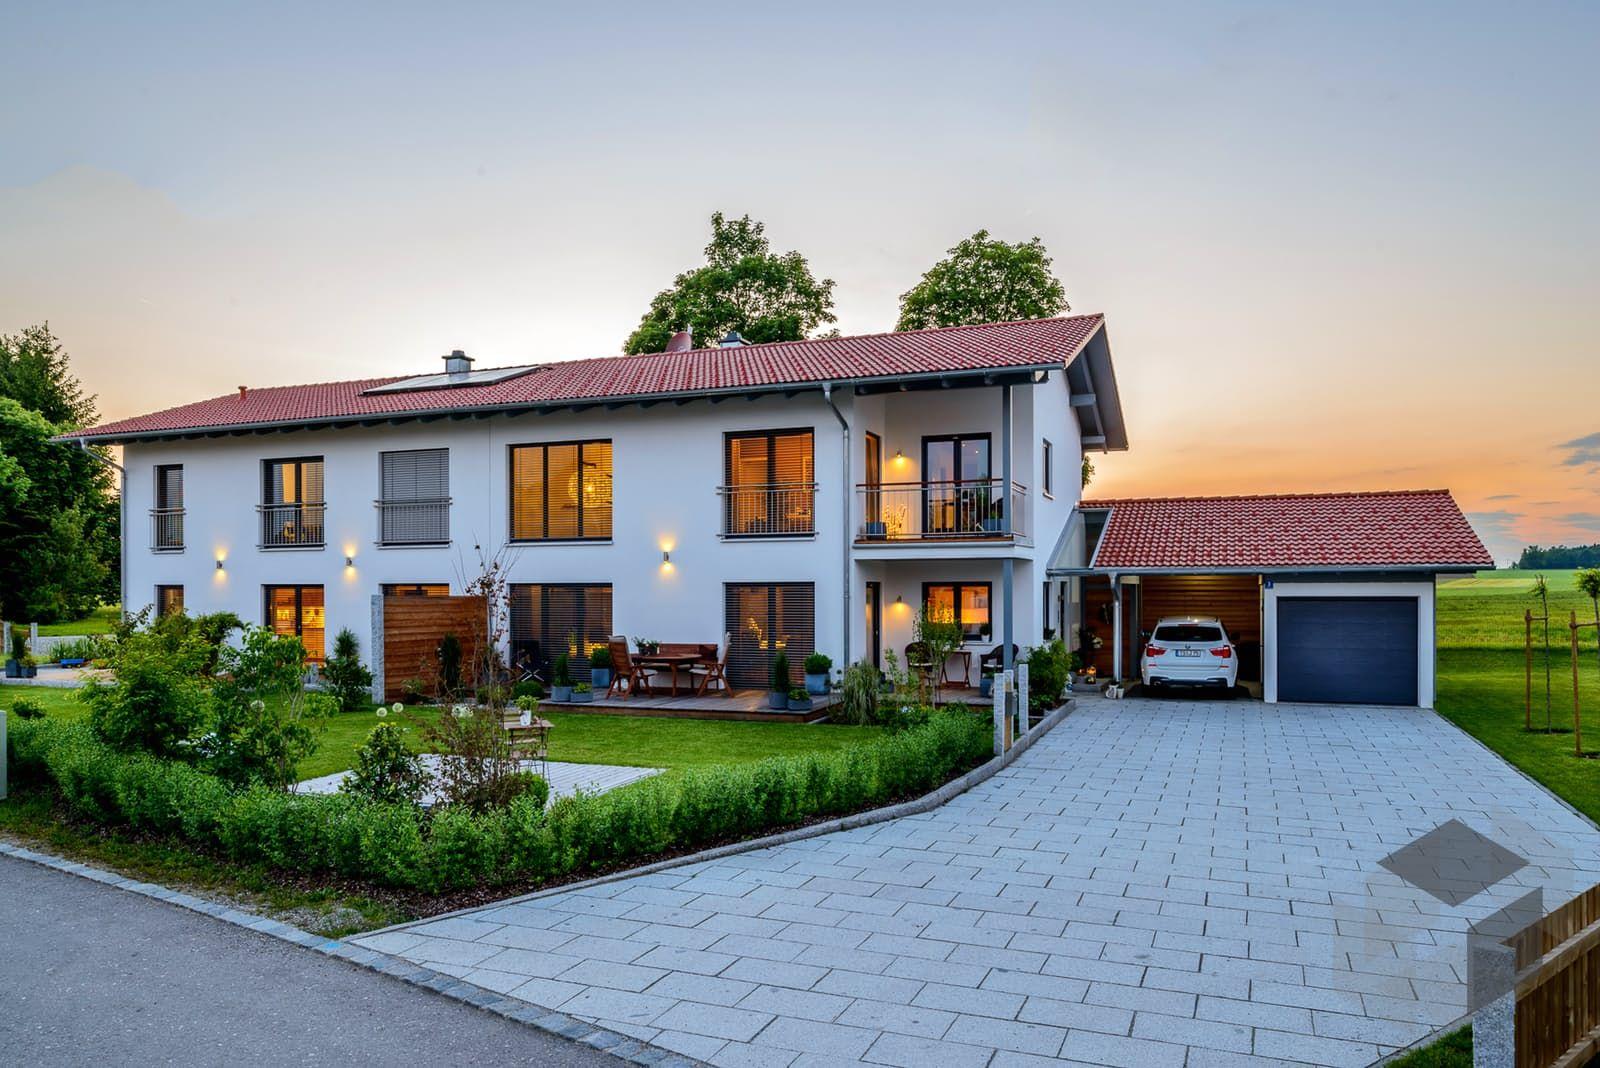 Sie Wollen Ein Niedrigenergiehaus Bauen? ➤ Wir Bieten Ihnen Preise U0026  Informationen Von Geprüften Anbietern Sowie Grundrisse Und Eine Große  Hausübersicht.